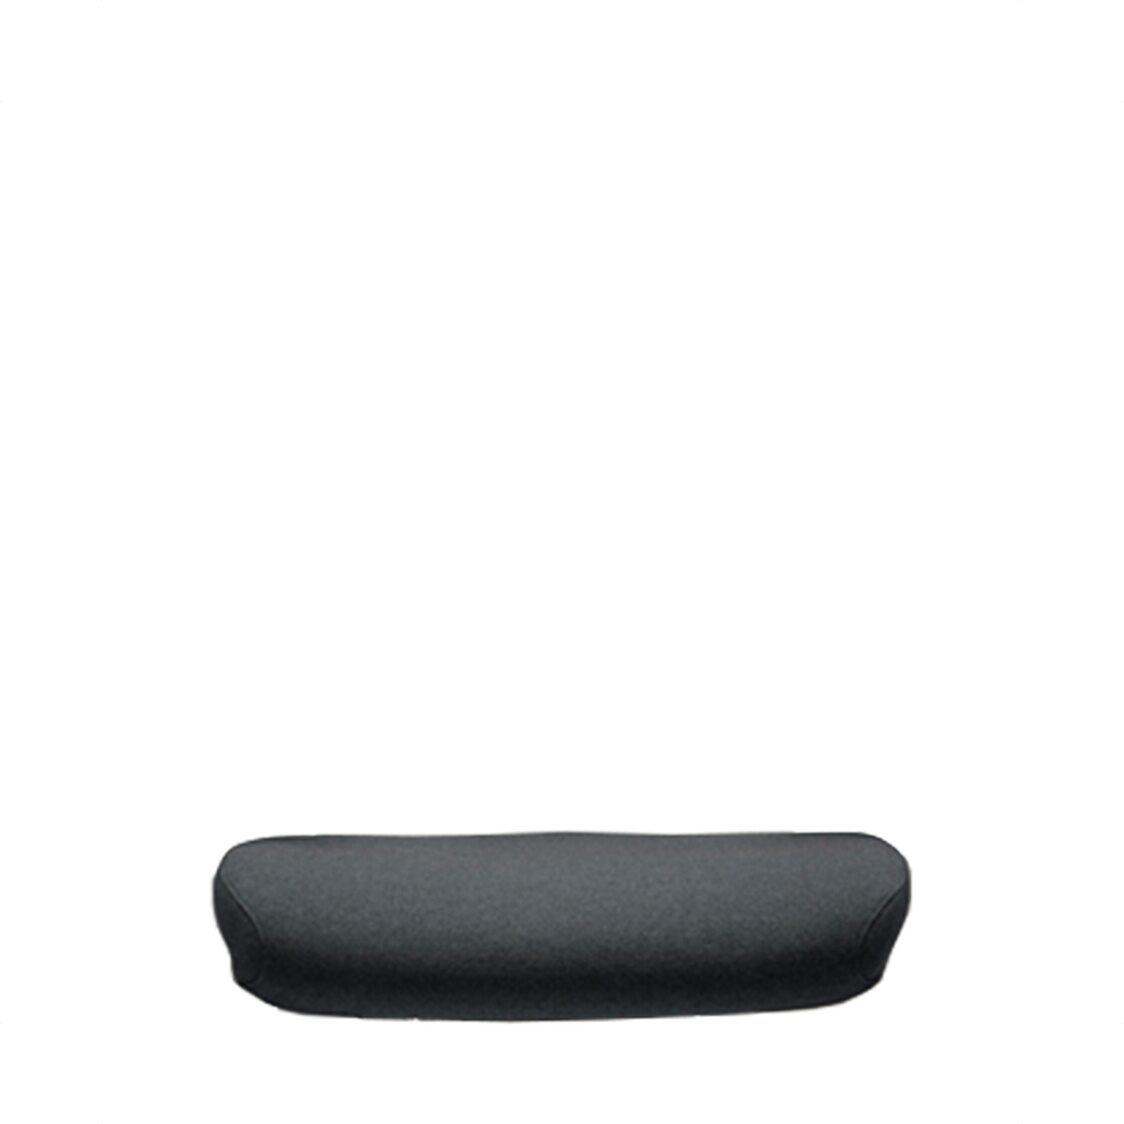 Iloom i-Fit Air Seat Board Fabric Cover Dark GreyHCH3510C-456